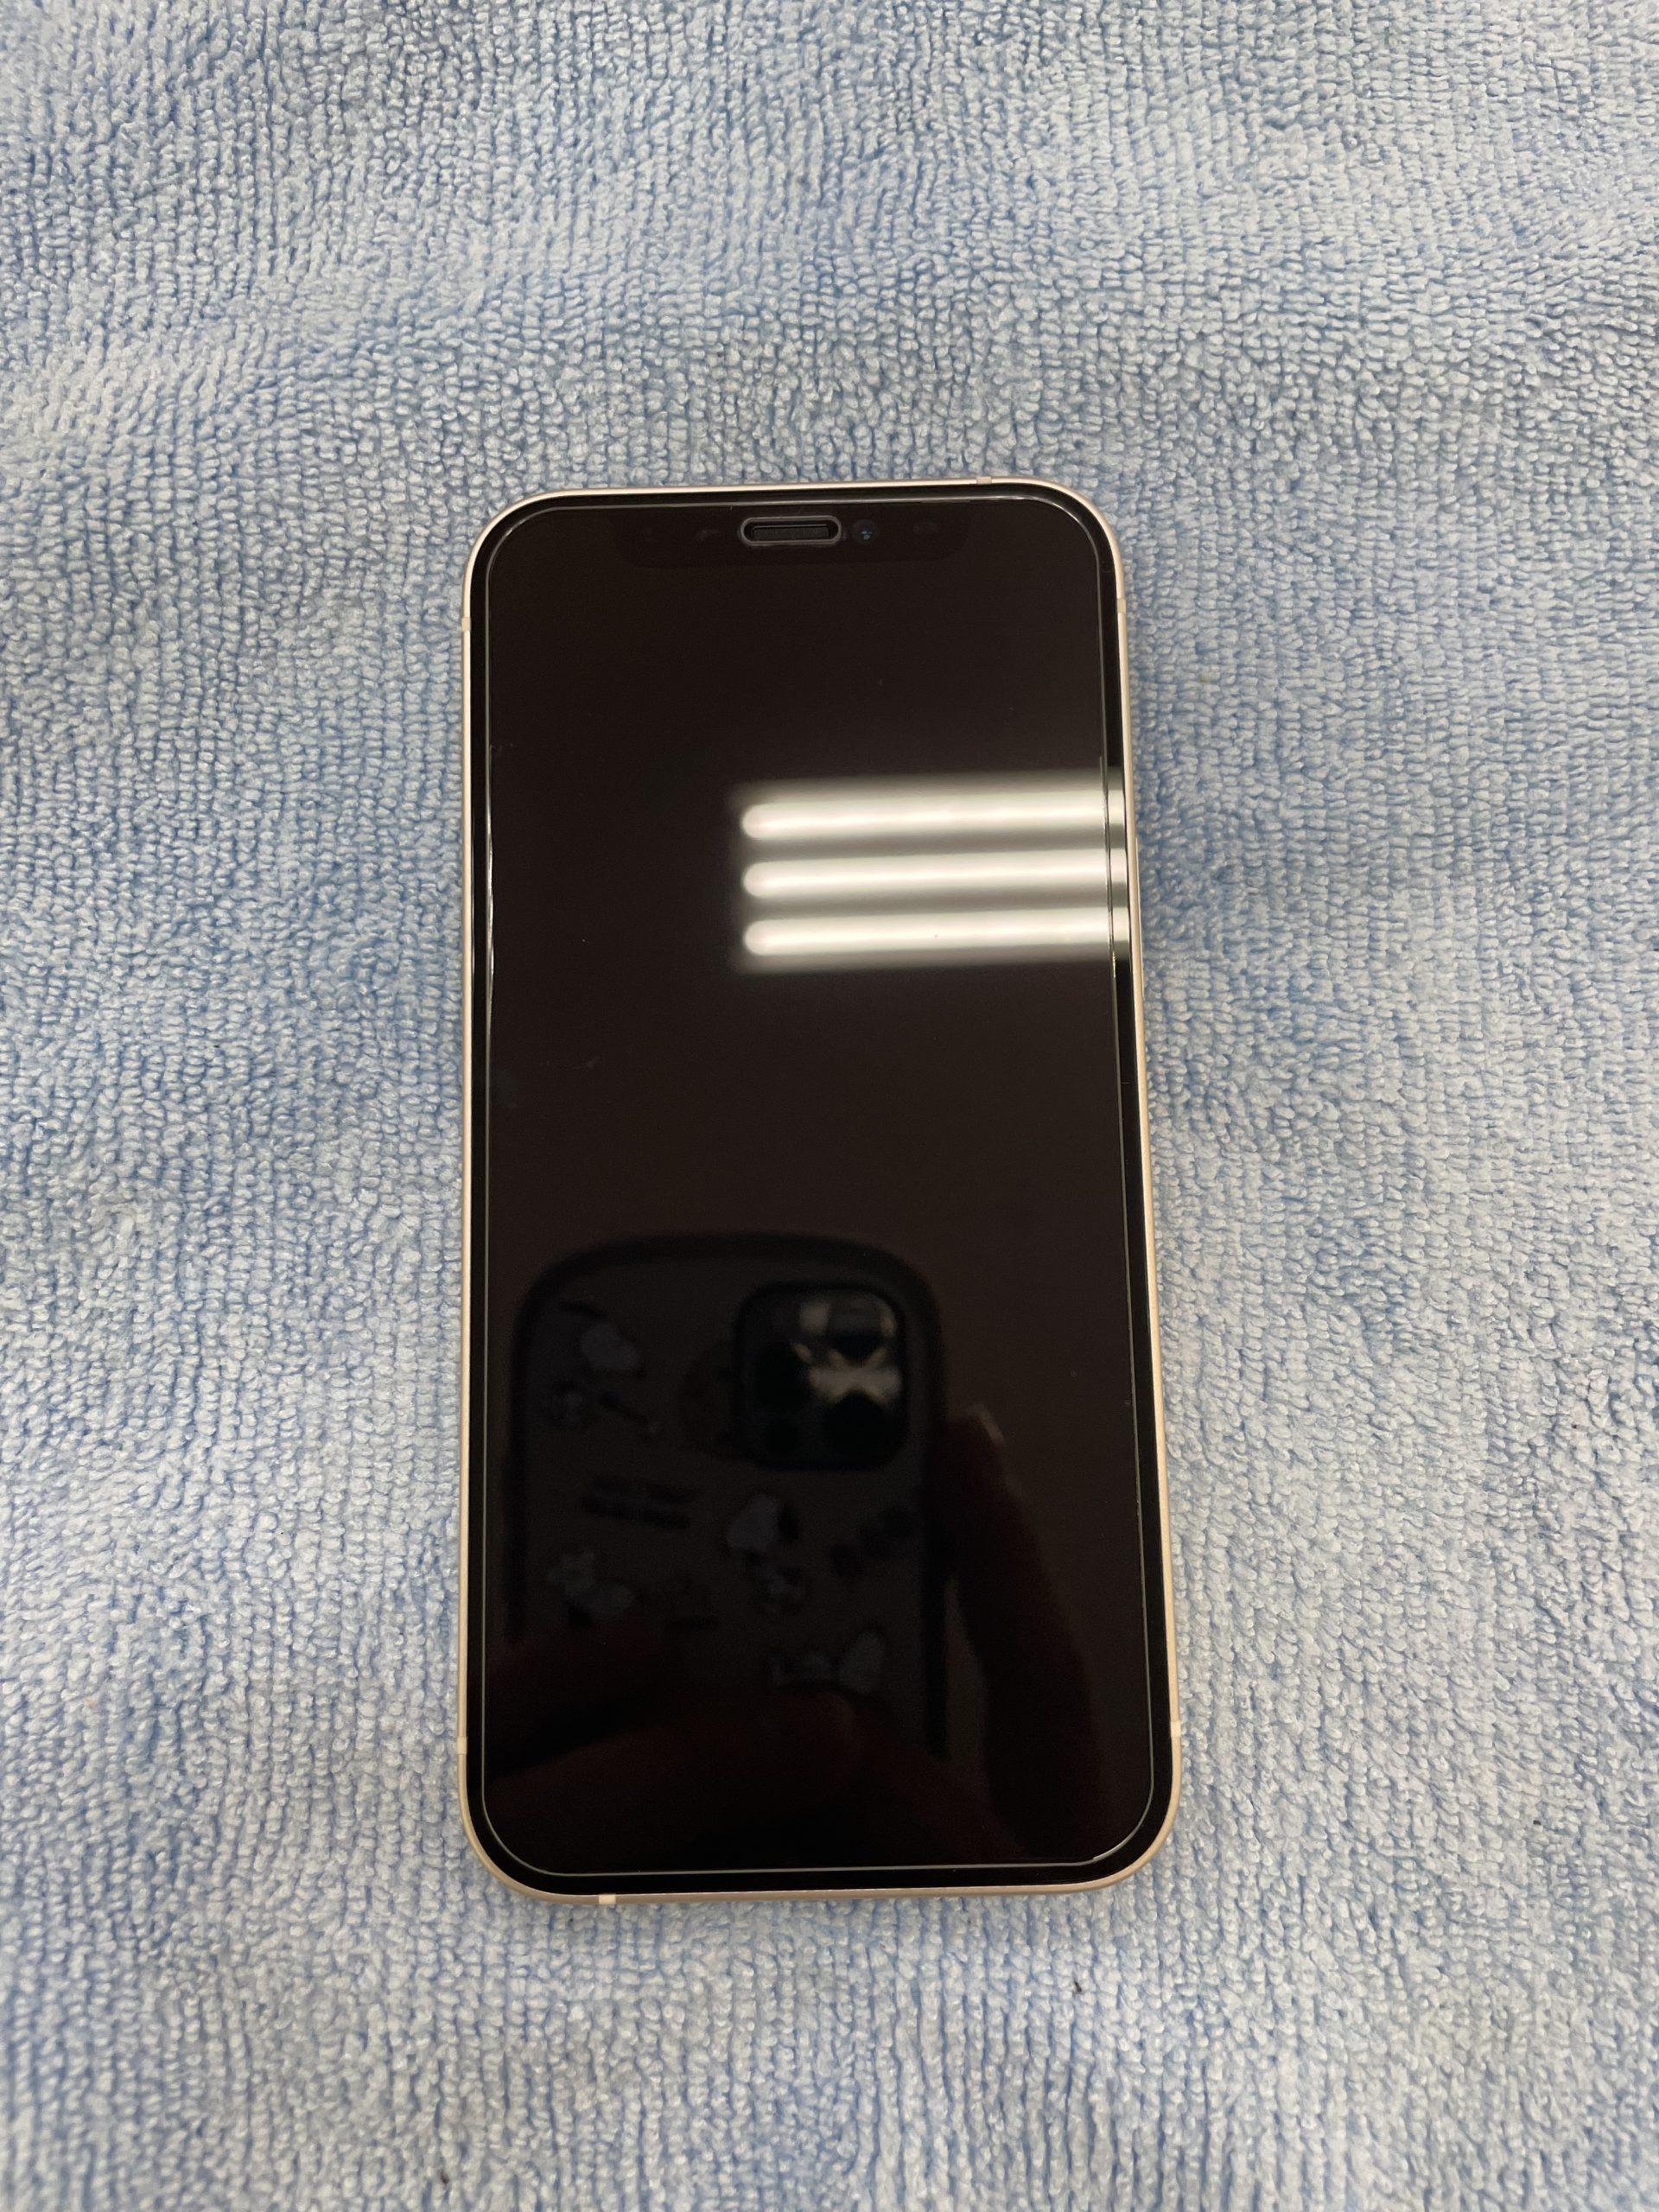 ガラスコーティン大好評です‼️【iPhone12Mini|ガラスコーティング佐賀】